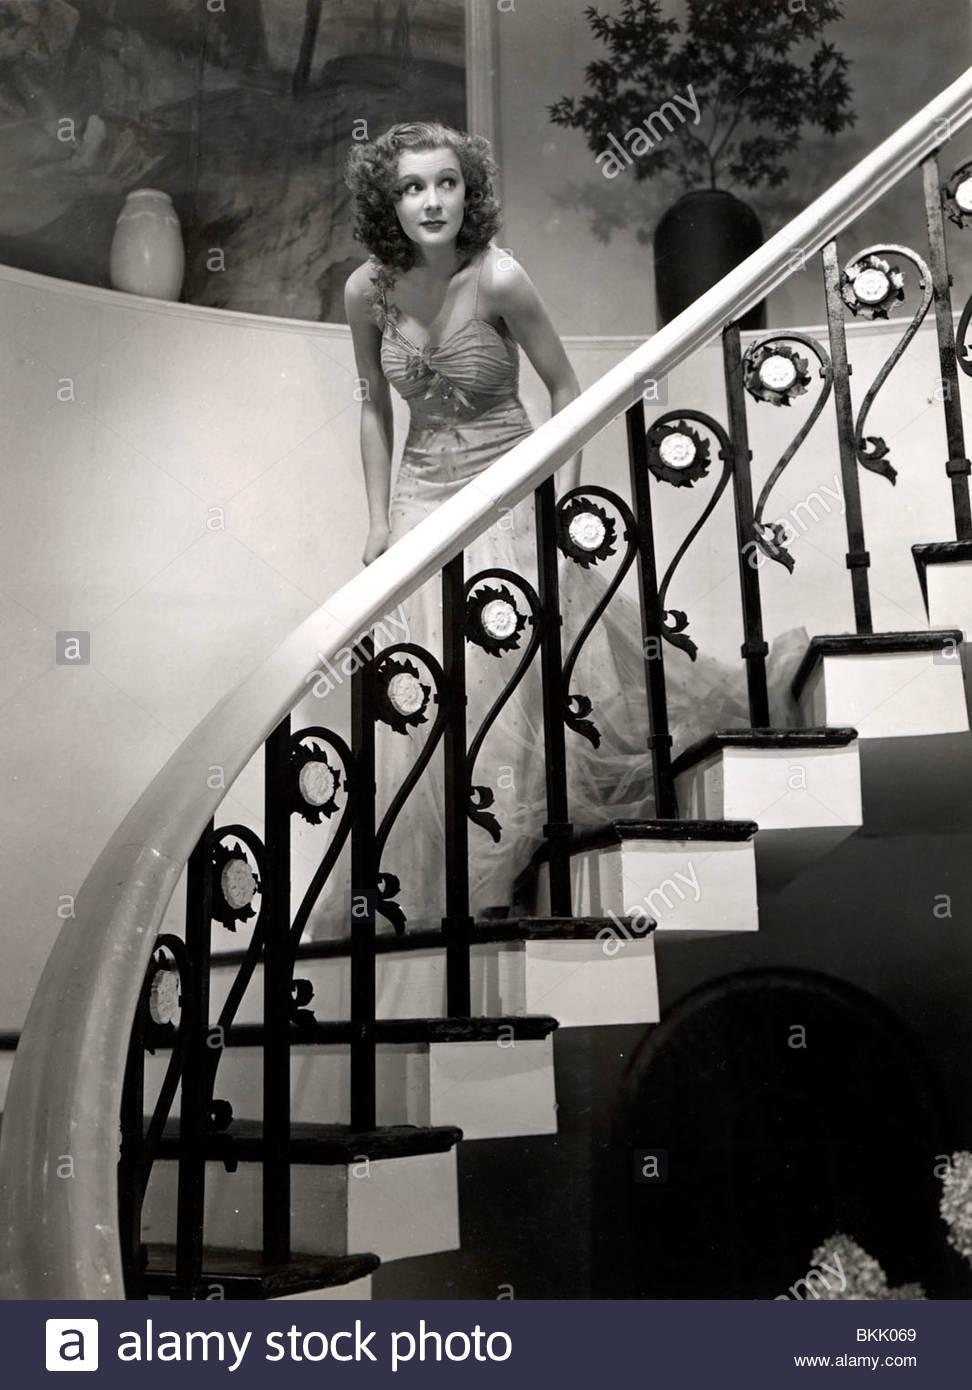 sweet-devil-1938-jean-gillie-rene-guissart-dir-sdvl-001-p-BKK069